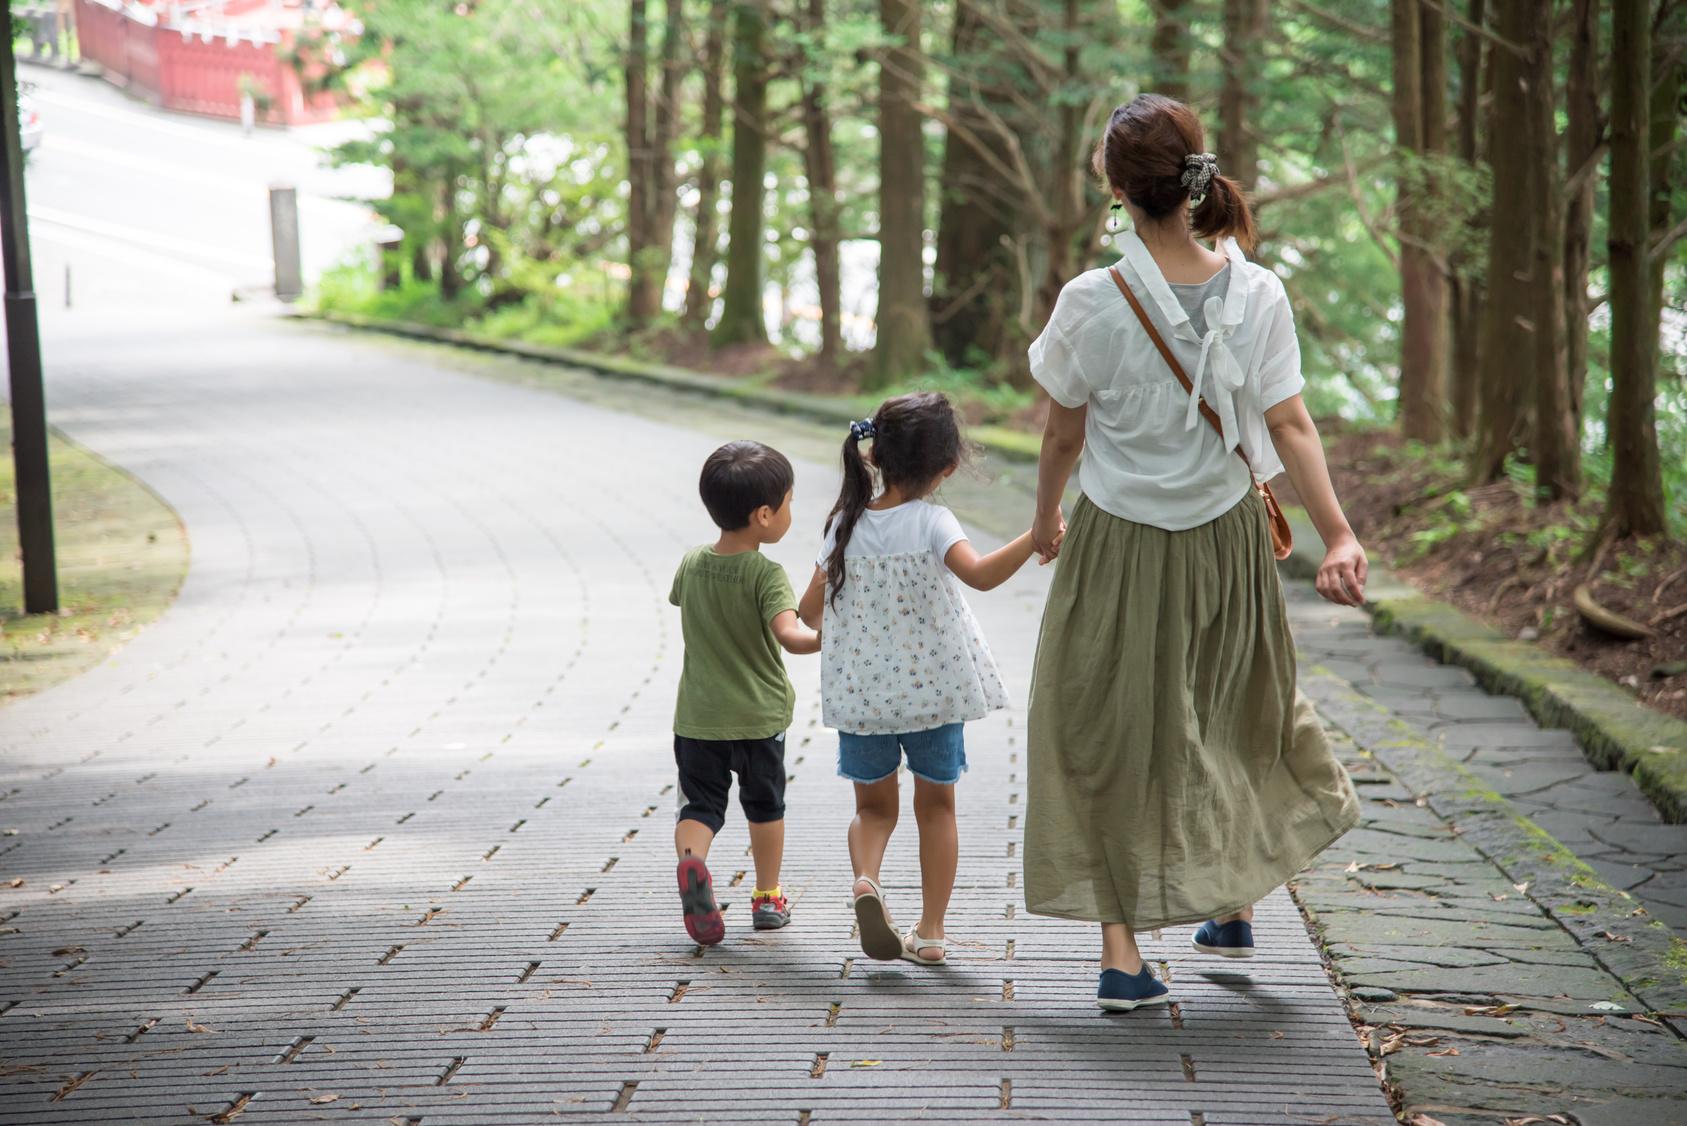 子供と一緒に歩くお母さん